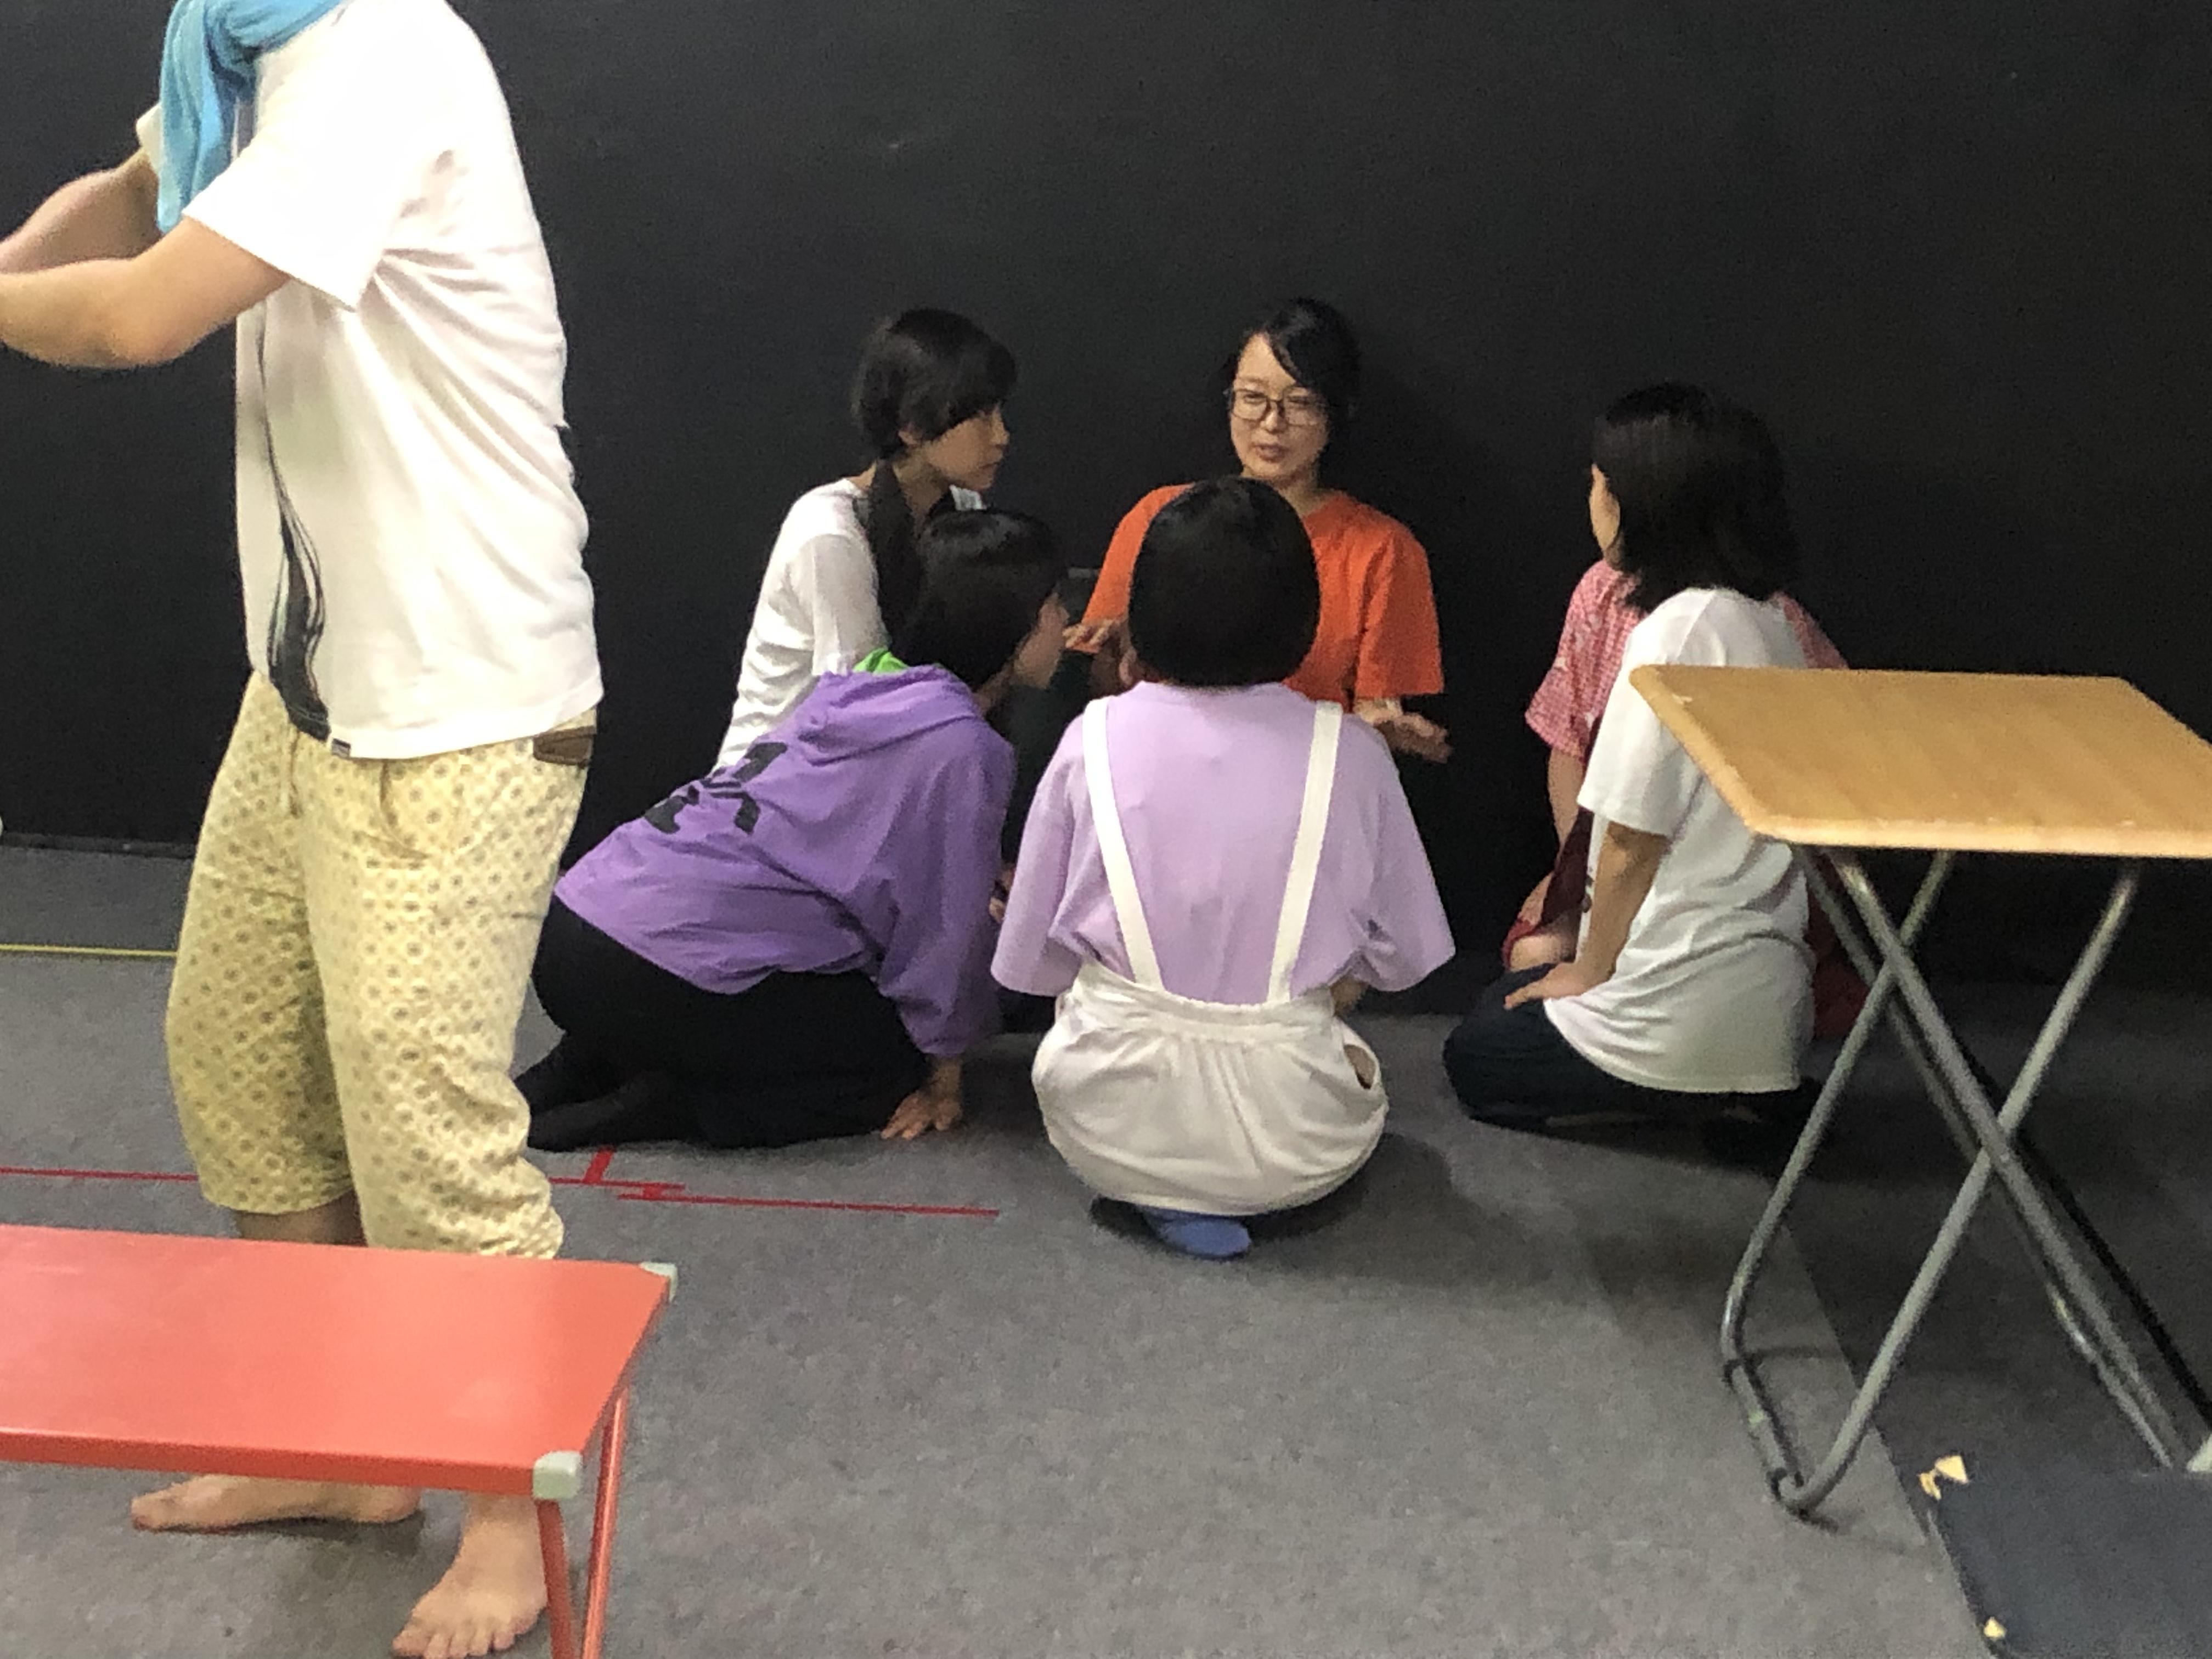 【東京ドム子】生活班とレオン【暴力先輩 稽古場日誌53】